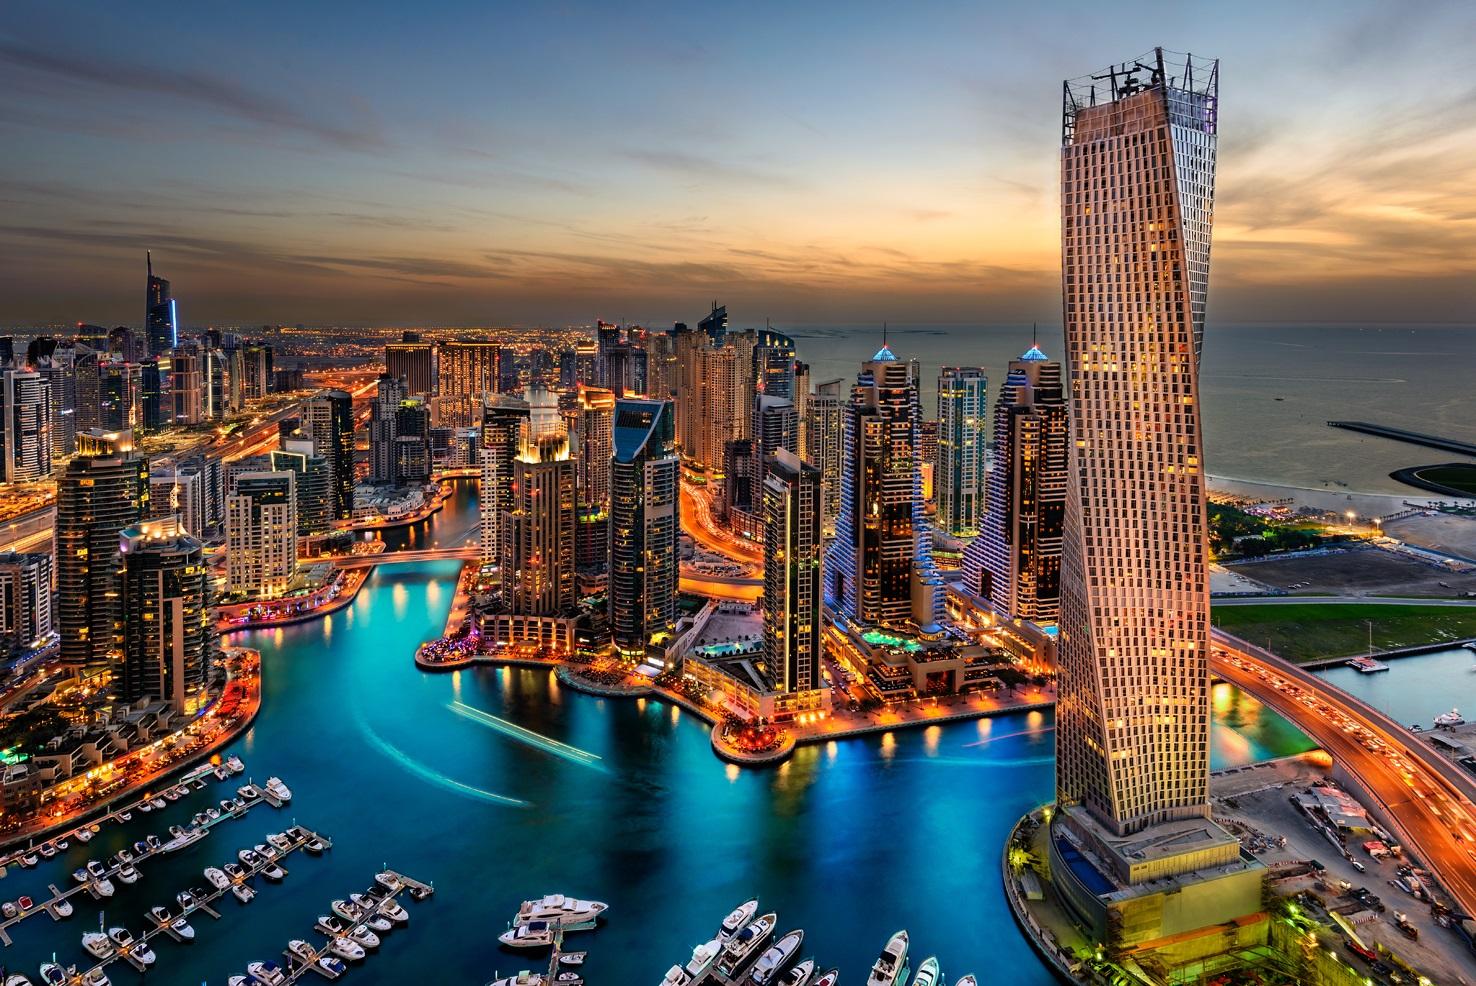 Meravigliosi intrattenimenti da sperimentare a Dubai 2015 pallone volante